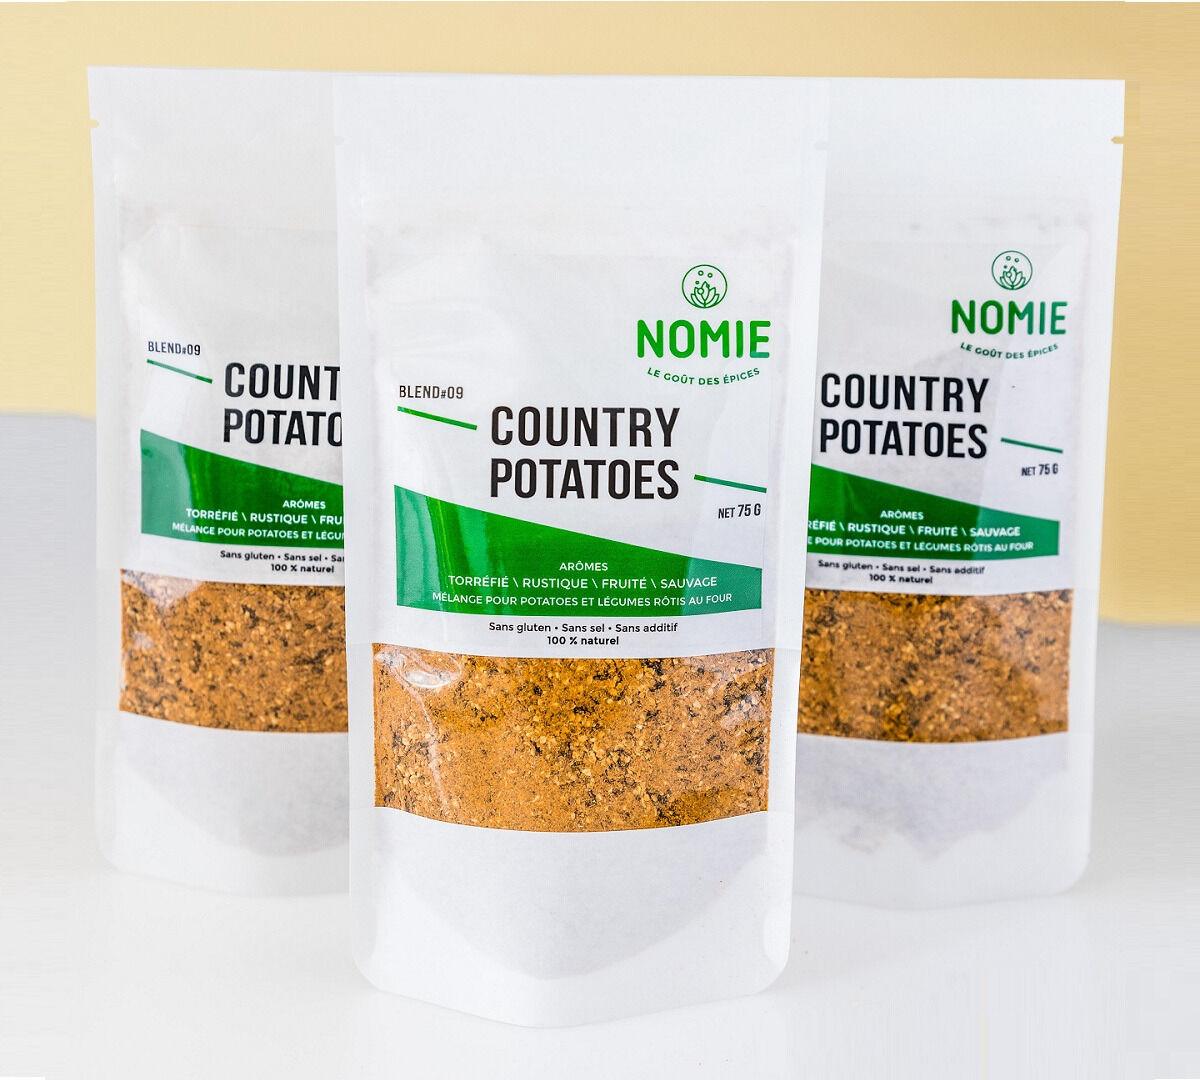 Nomie, le goût des épices Country Potatoes. Mélange Pour Potatoes Et Légumes Rôtis Au Four